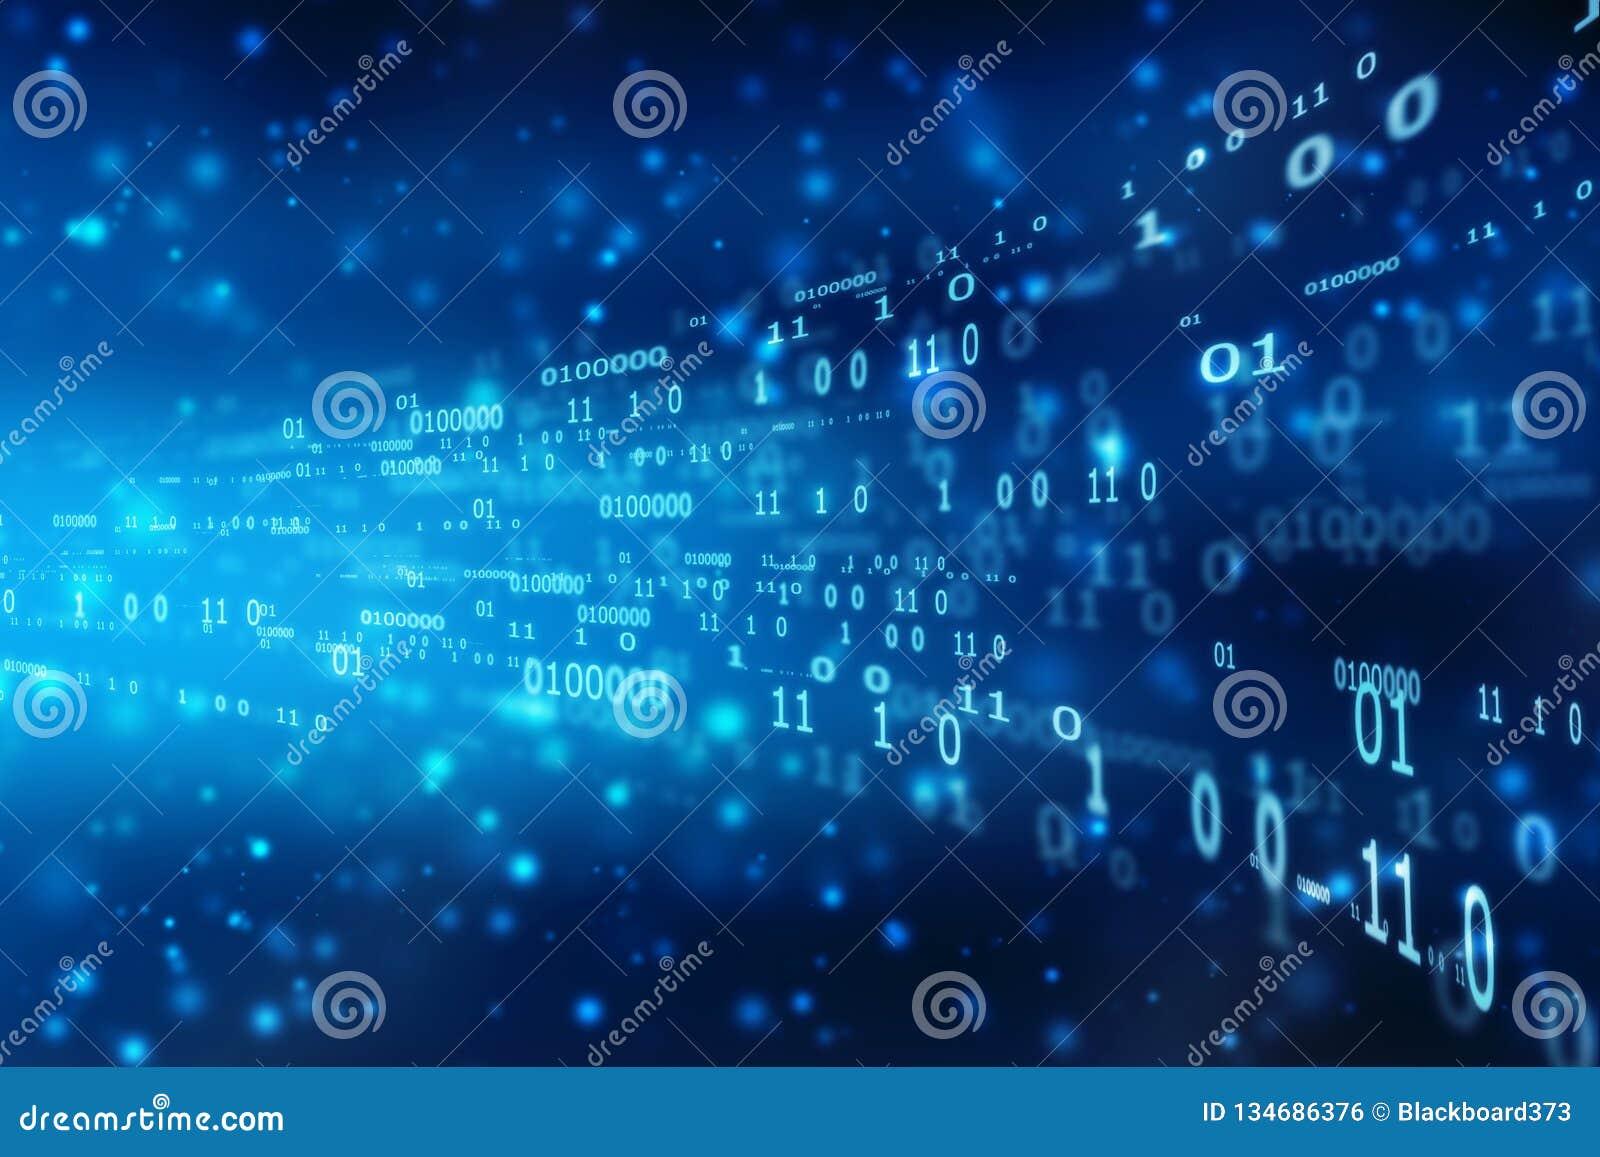 Bakgrund för binär kod, flödande nummer ett och nolltext i format för binär kod i teknologibakgrund